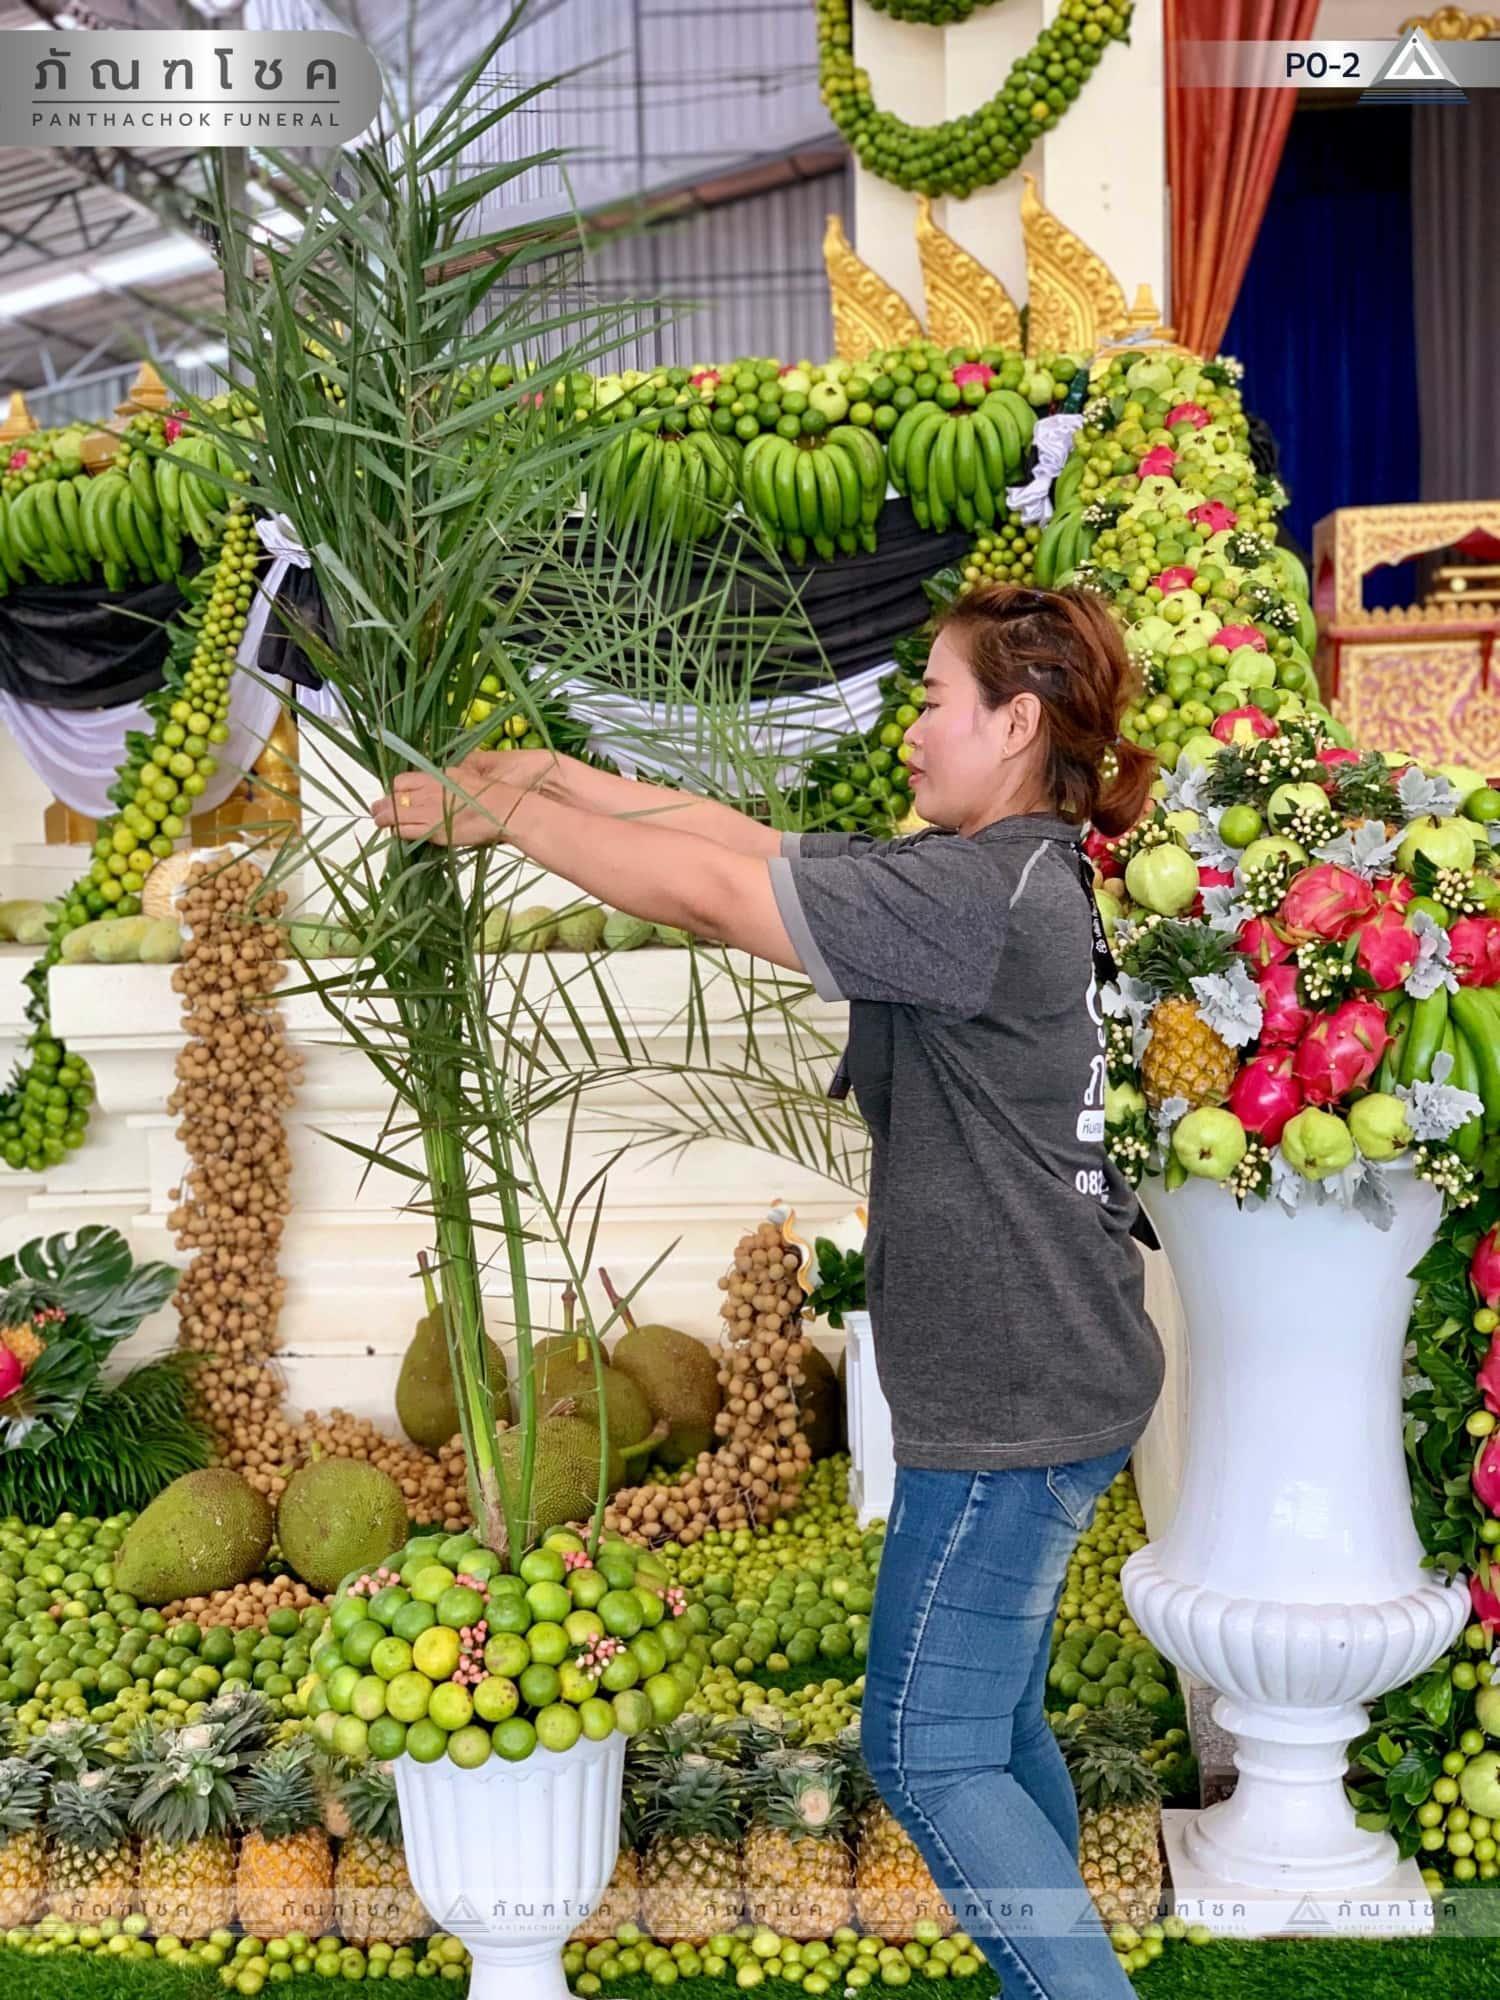 ดอกไม้ประดับเมรุ ชุด P0-2 121